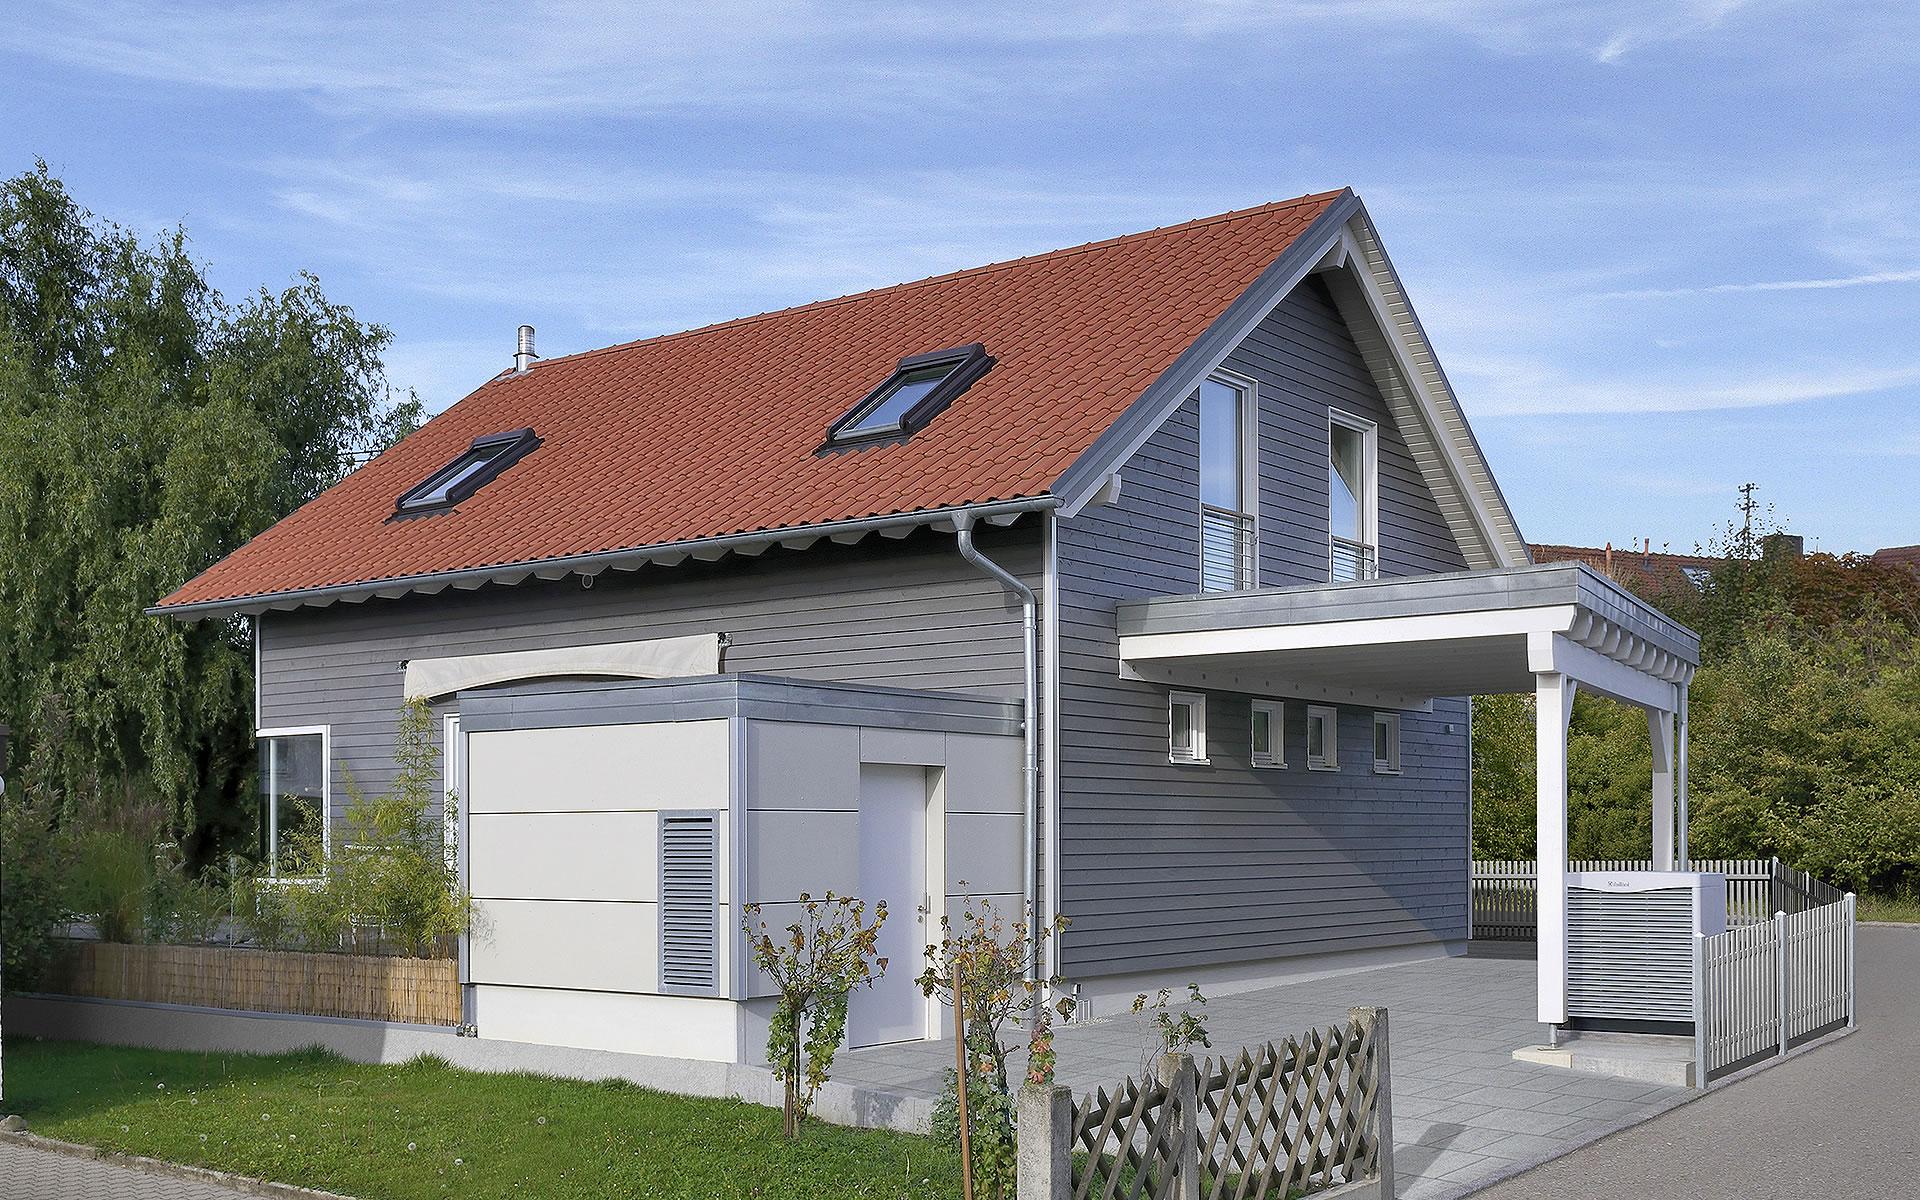 Klassisch und Fein 136 m² von Bau-Fritz GmbH & Co. KG, seit 1896